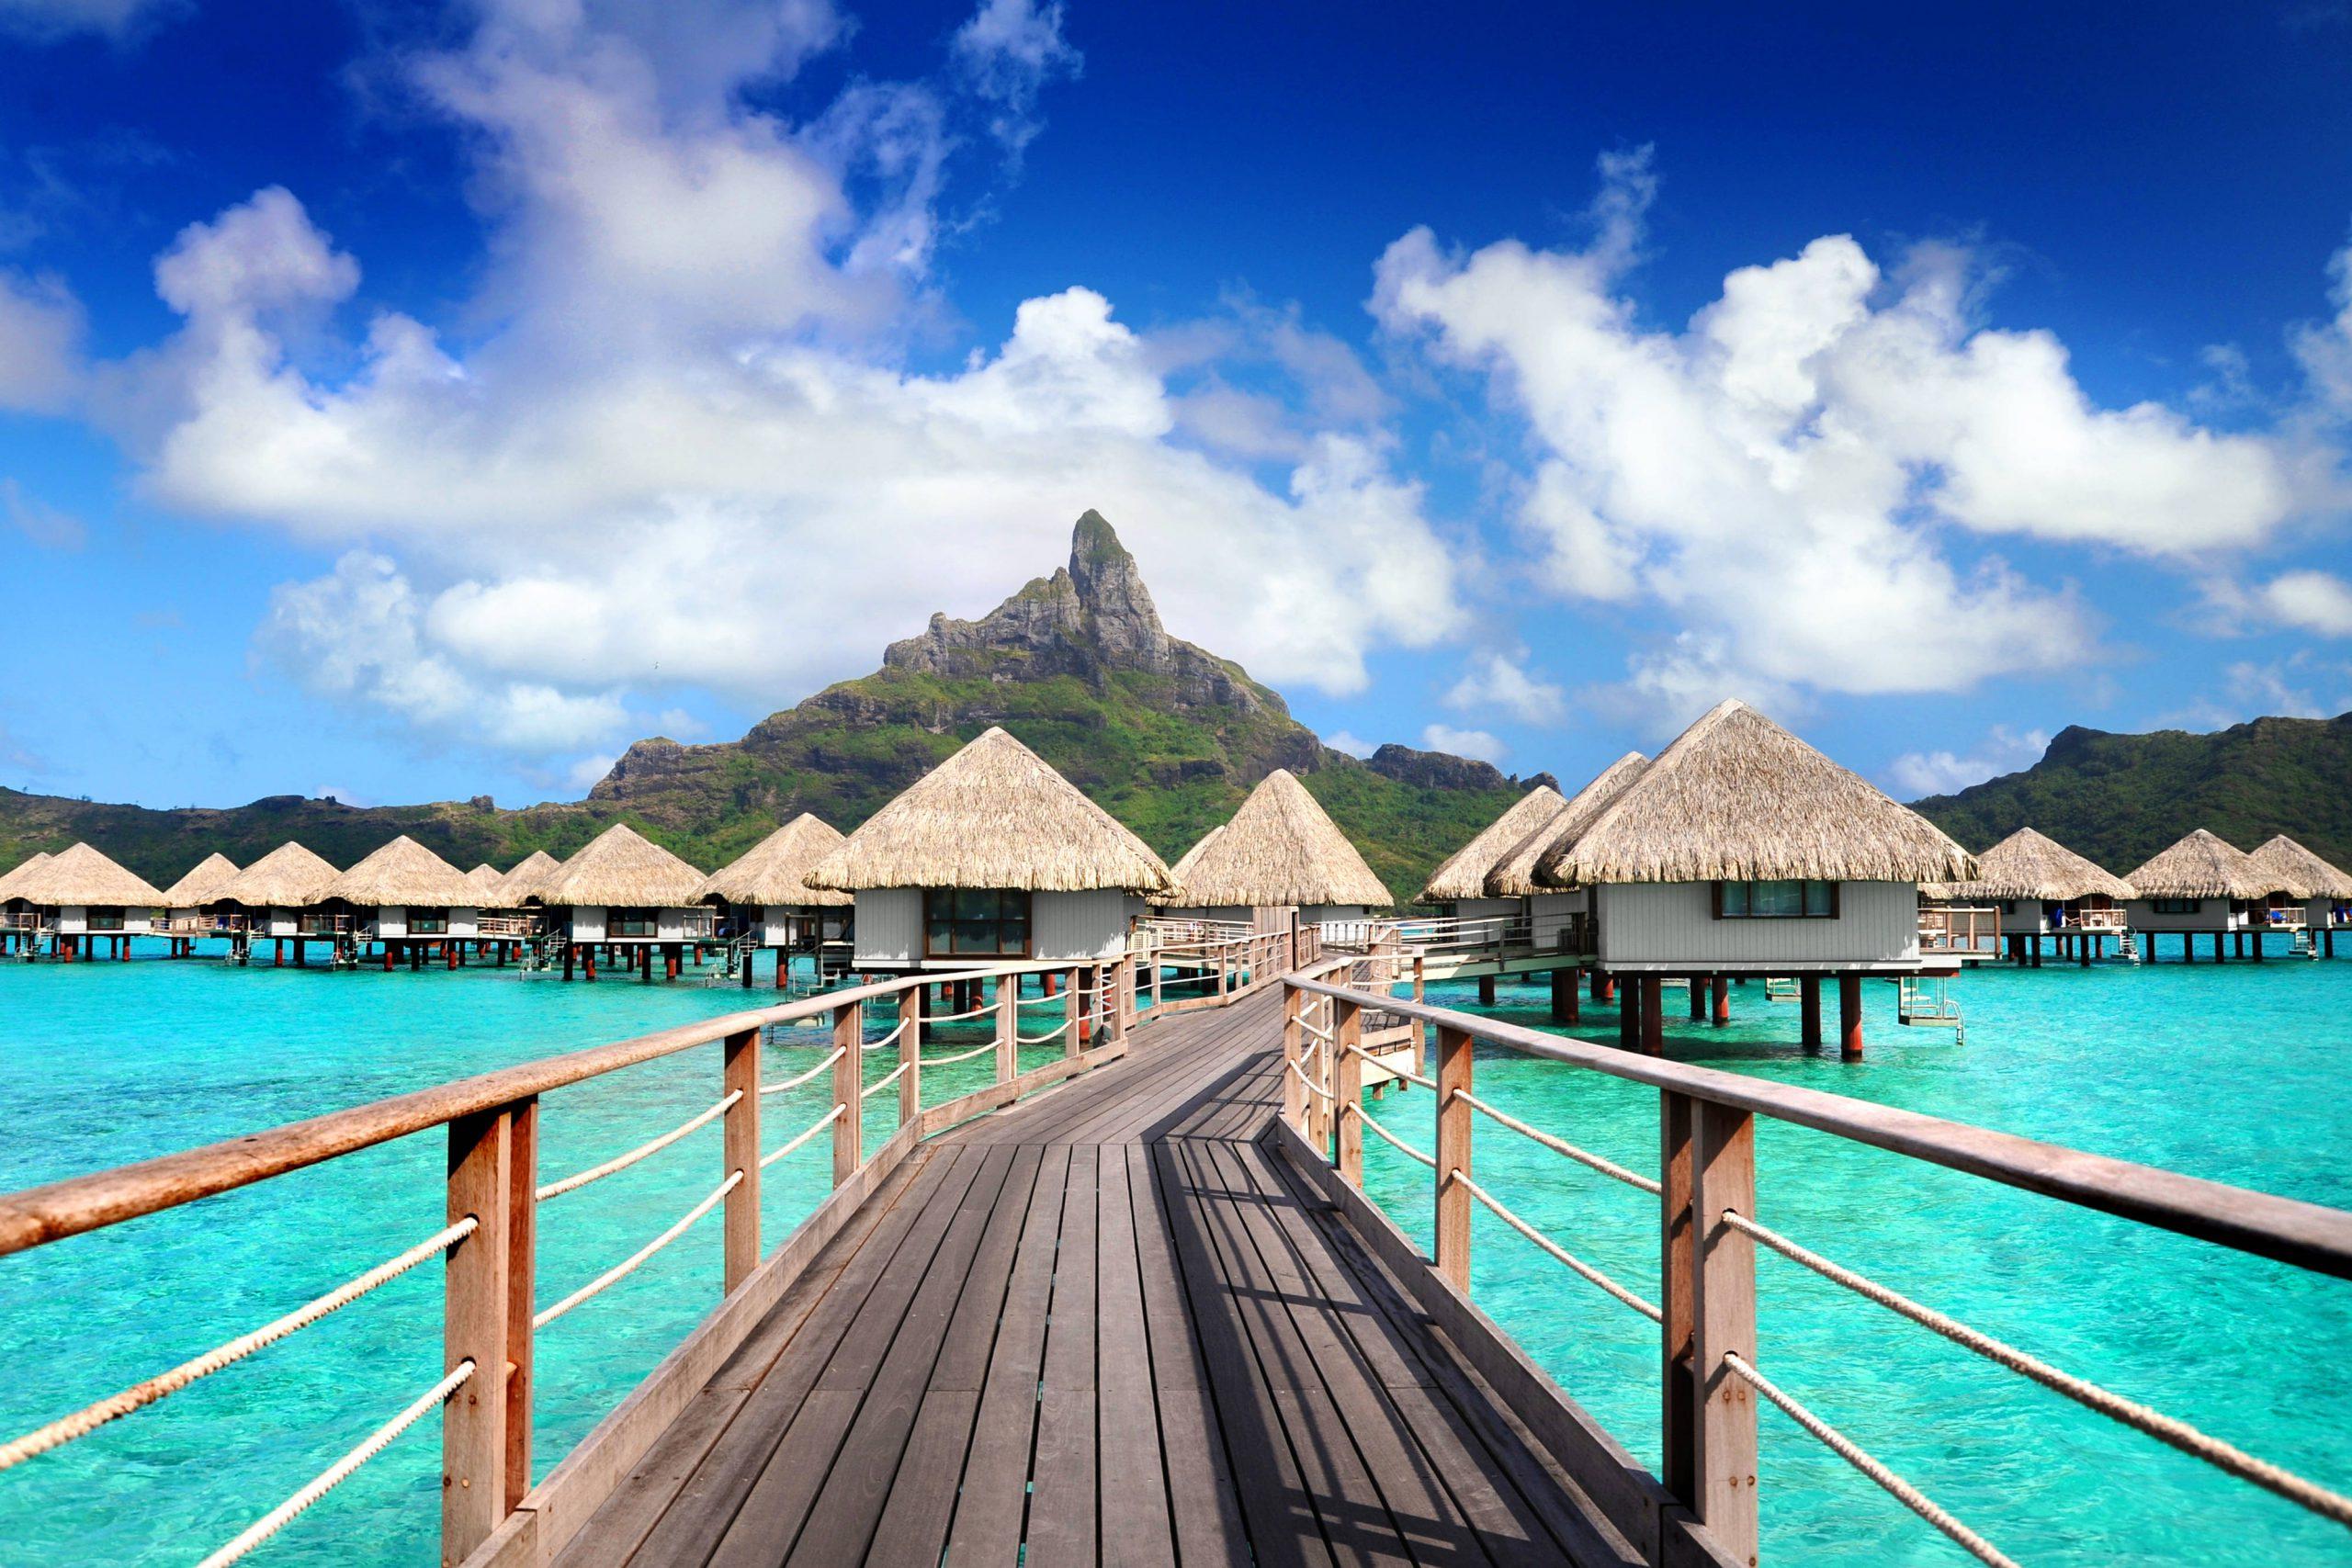 Hotel Le Meridien Bora Bora. Exklusiva resor till Franska Polynesien och Bora Bora.Hotel Le Meridien Bora Bora. Exklusiva resor till Franska Polynesien och Bora Bora.